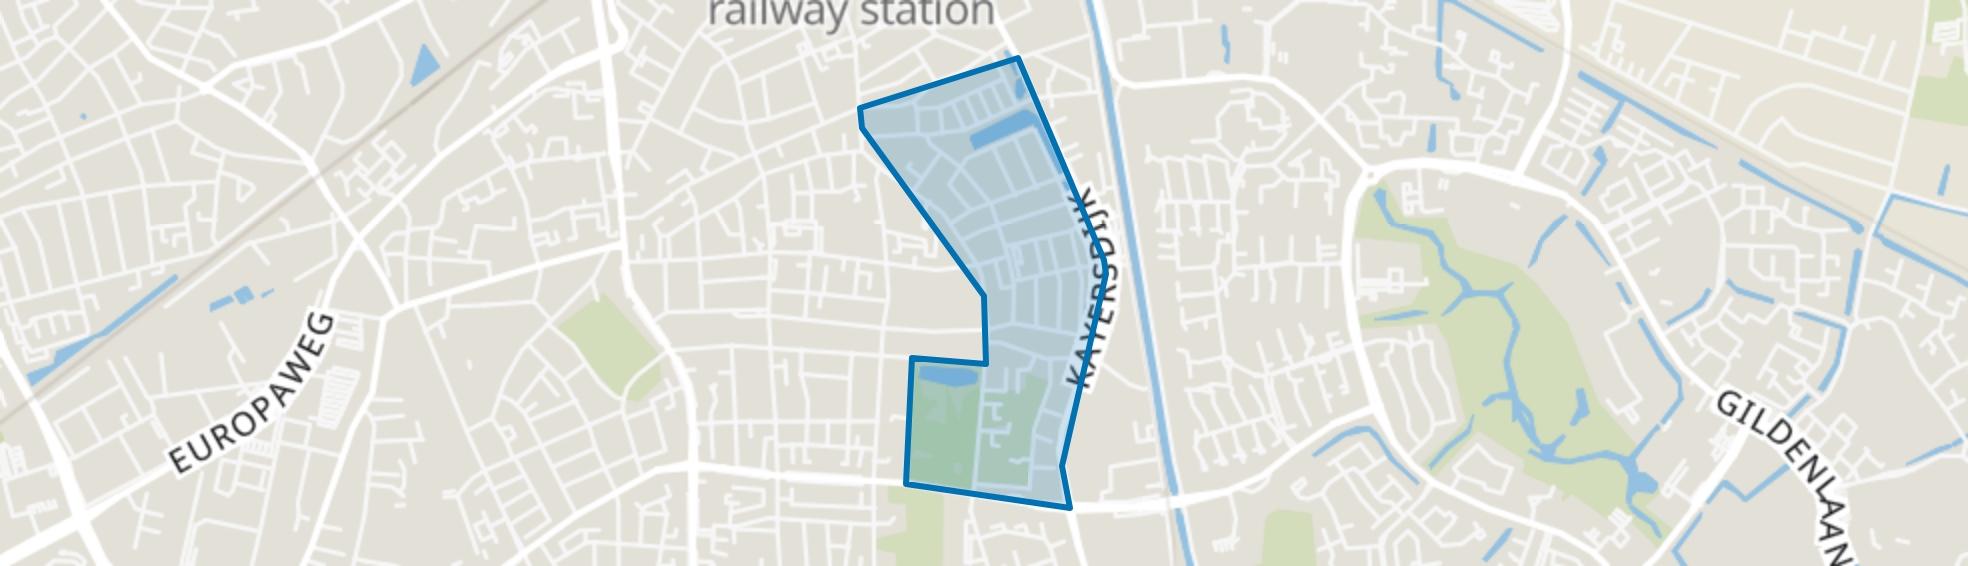 Staatsliedenkwartier, Apeldoorn map